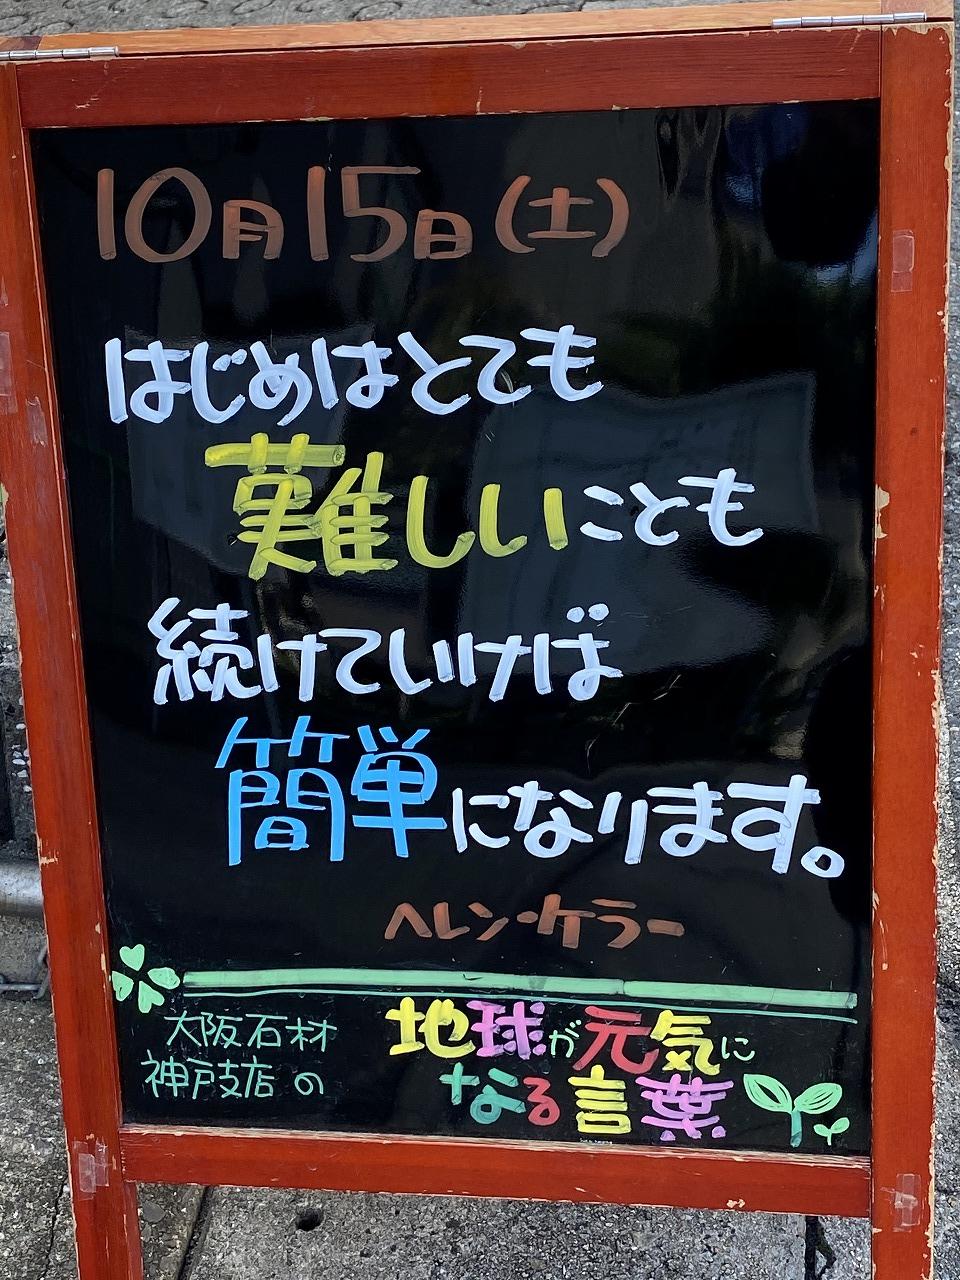 神戸の墓石店「地球が元気になる言葉」の写真 2020年10月15日